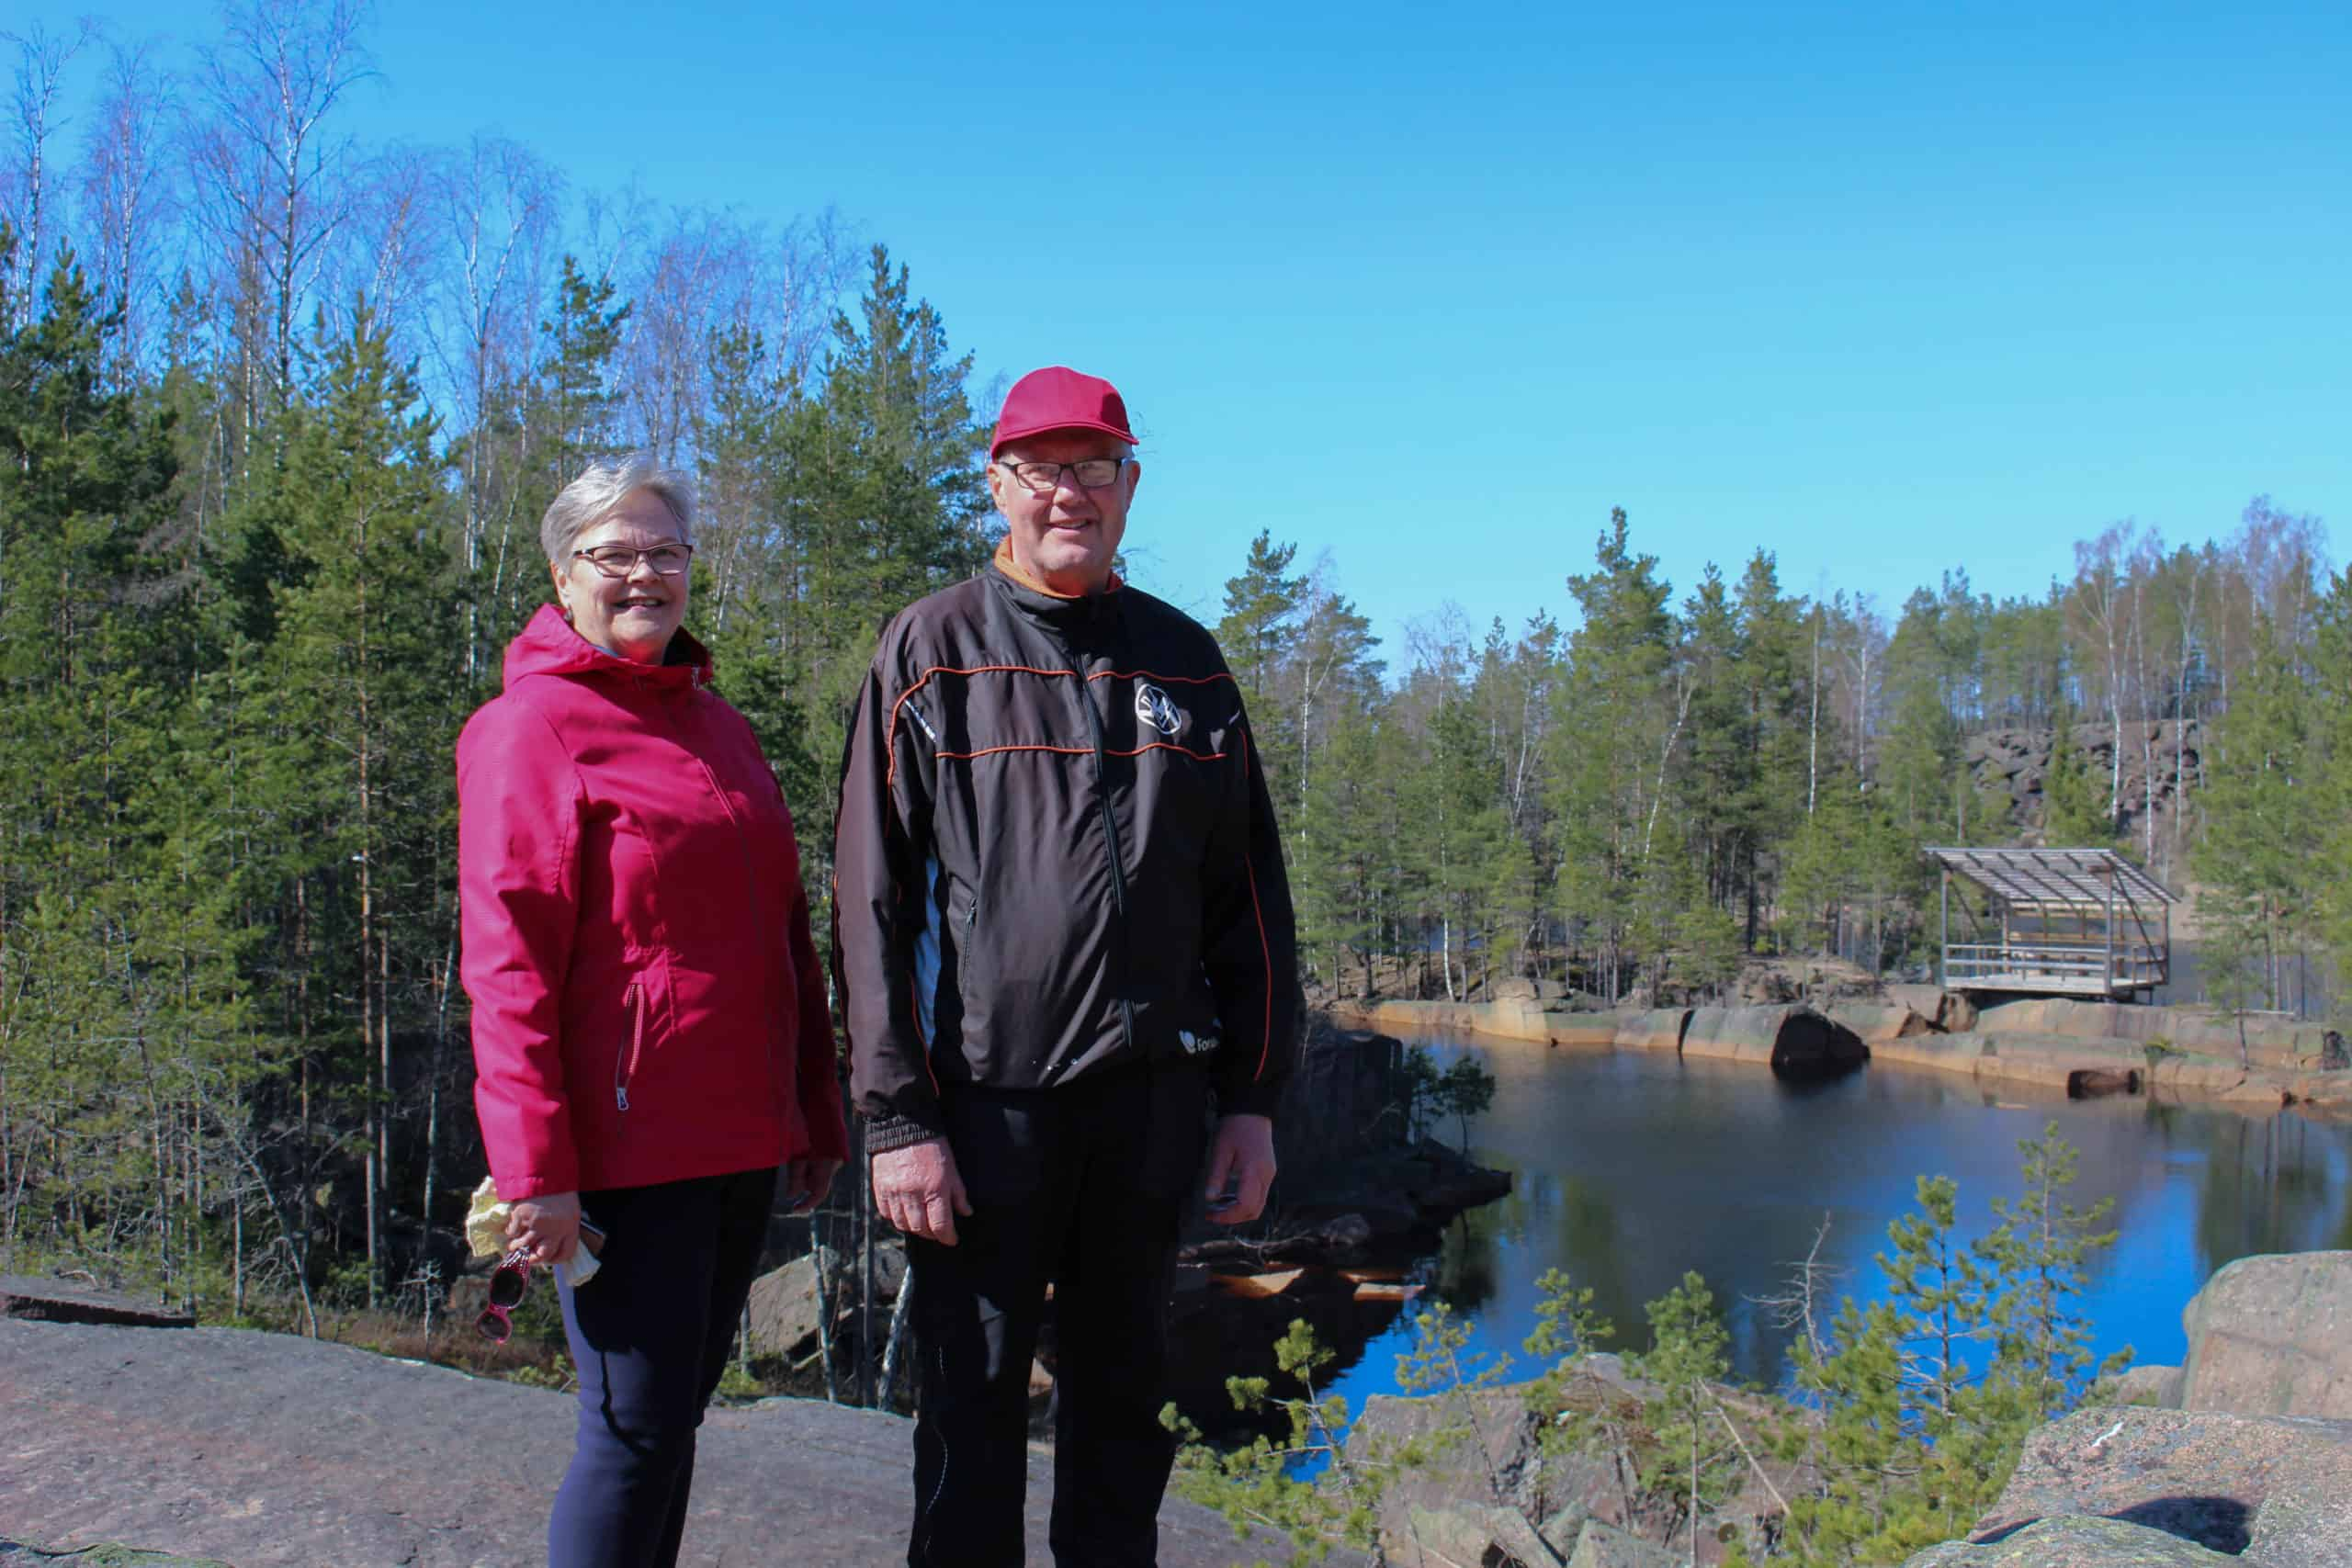 Lahdingon kyläyhdistysaktiivit Reijo ja Marjo Lehtonen